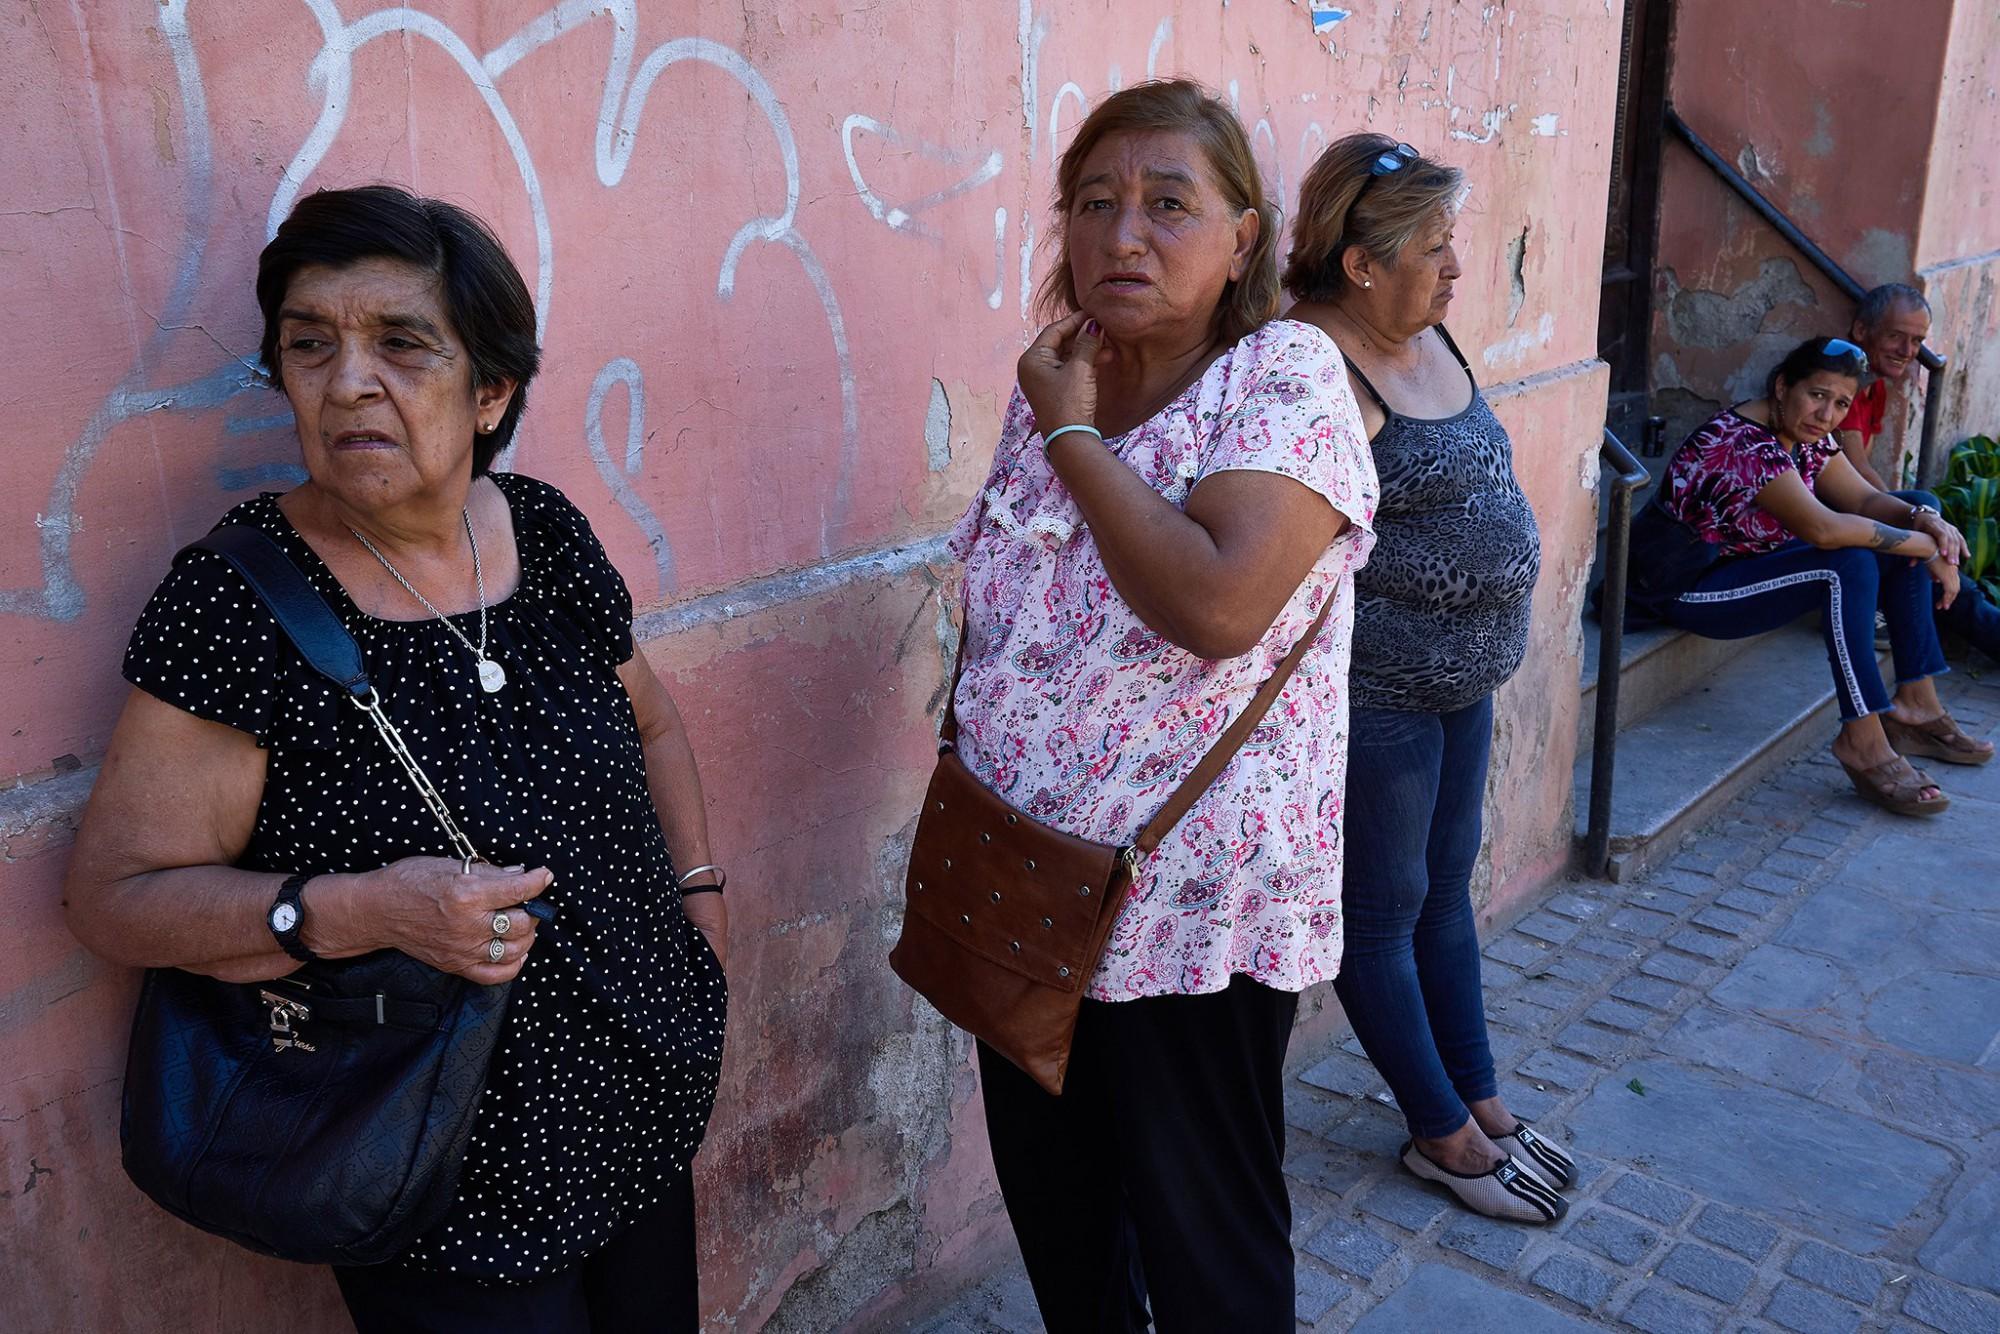 Afbeelding: Reisreportage Argentinië, reisfotograaf Dominique Van Huffel